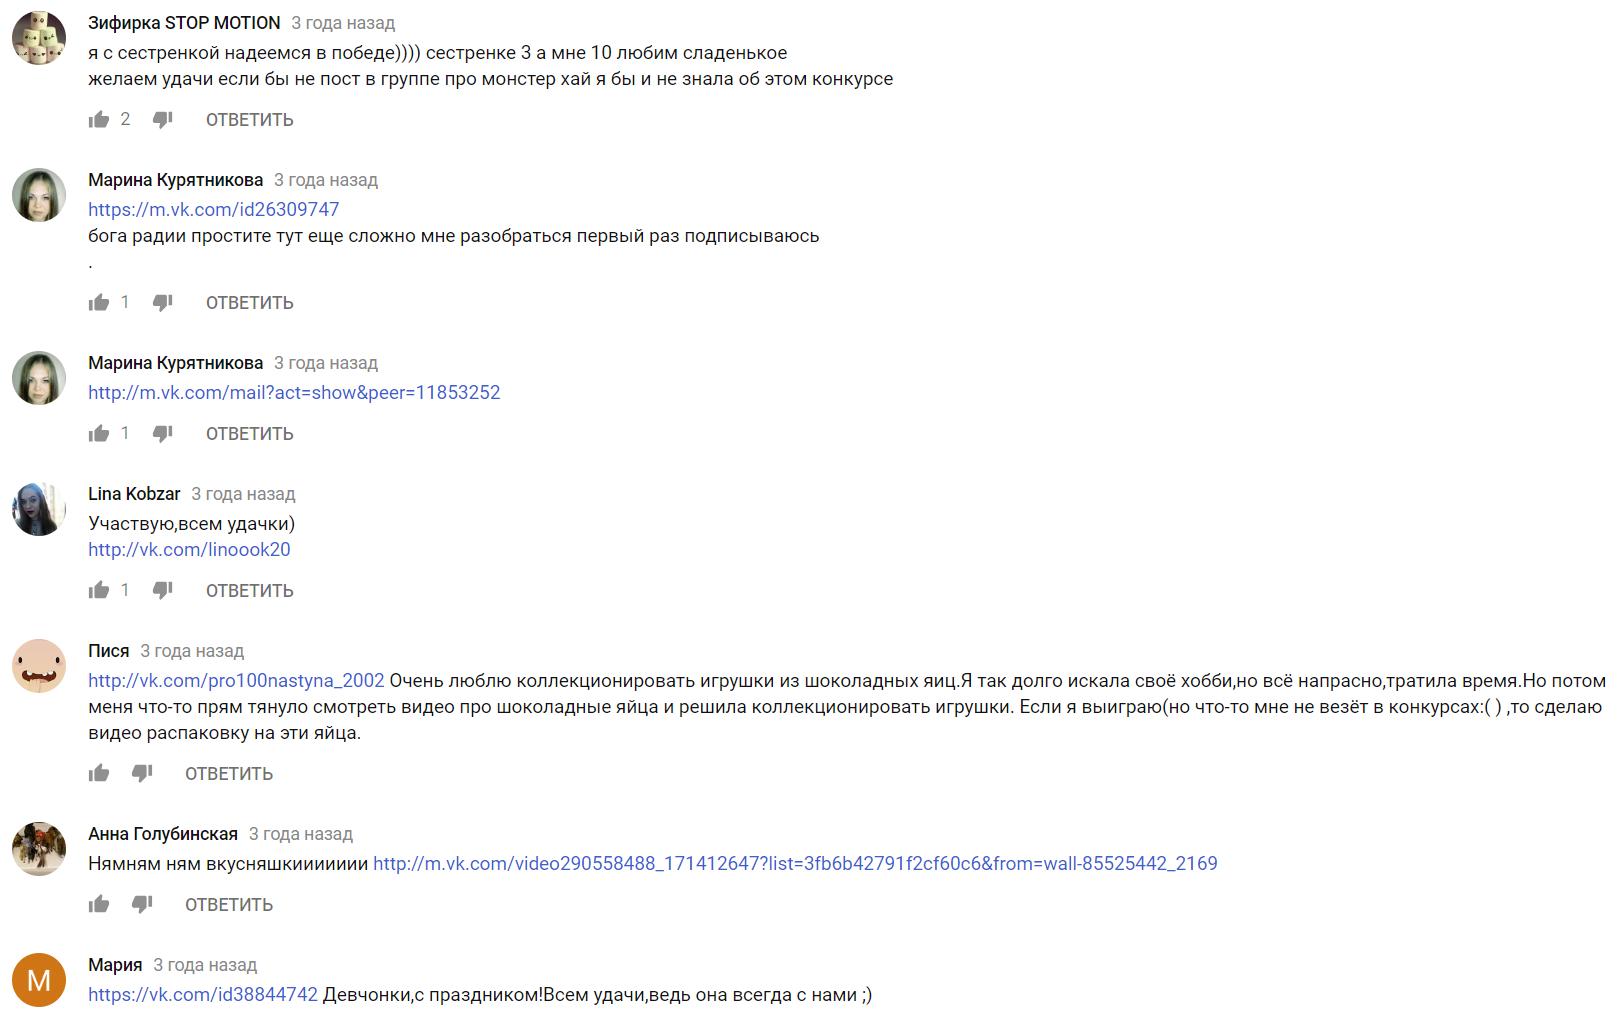 Как находить ботов на ютубе: внешние паттерны взаимодействия комментаторов - 18